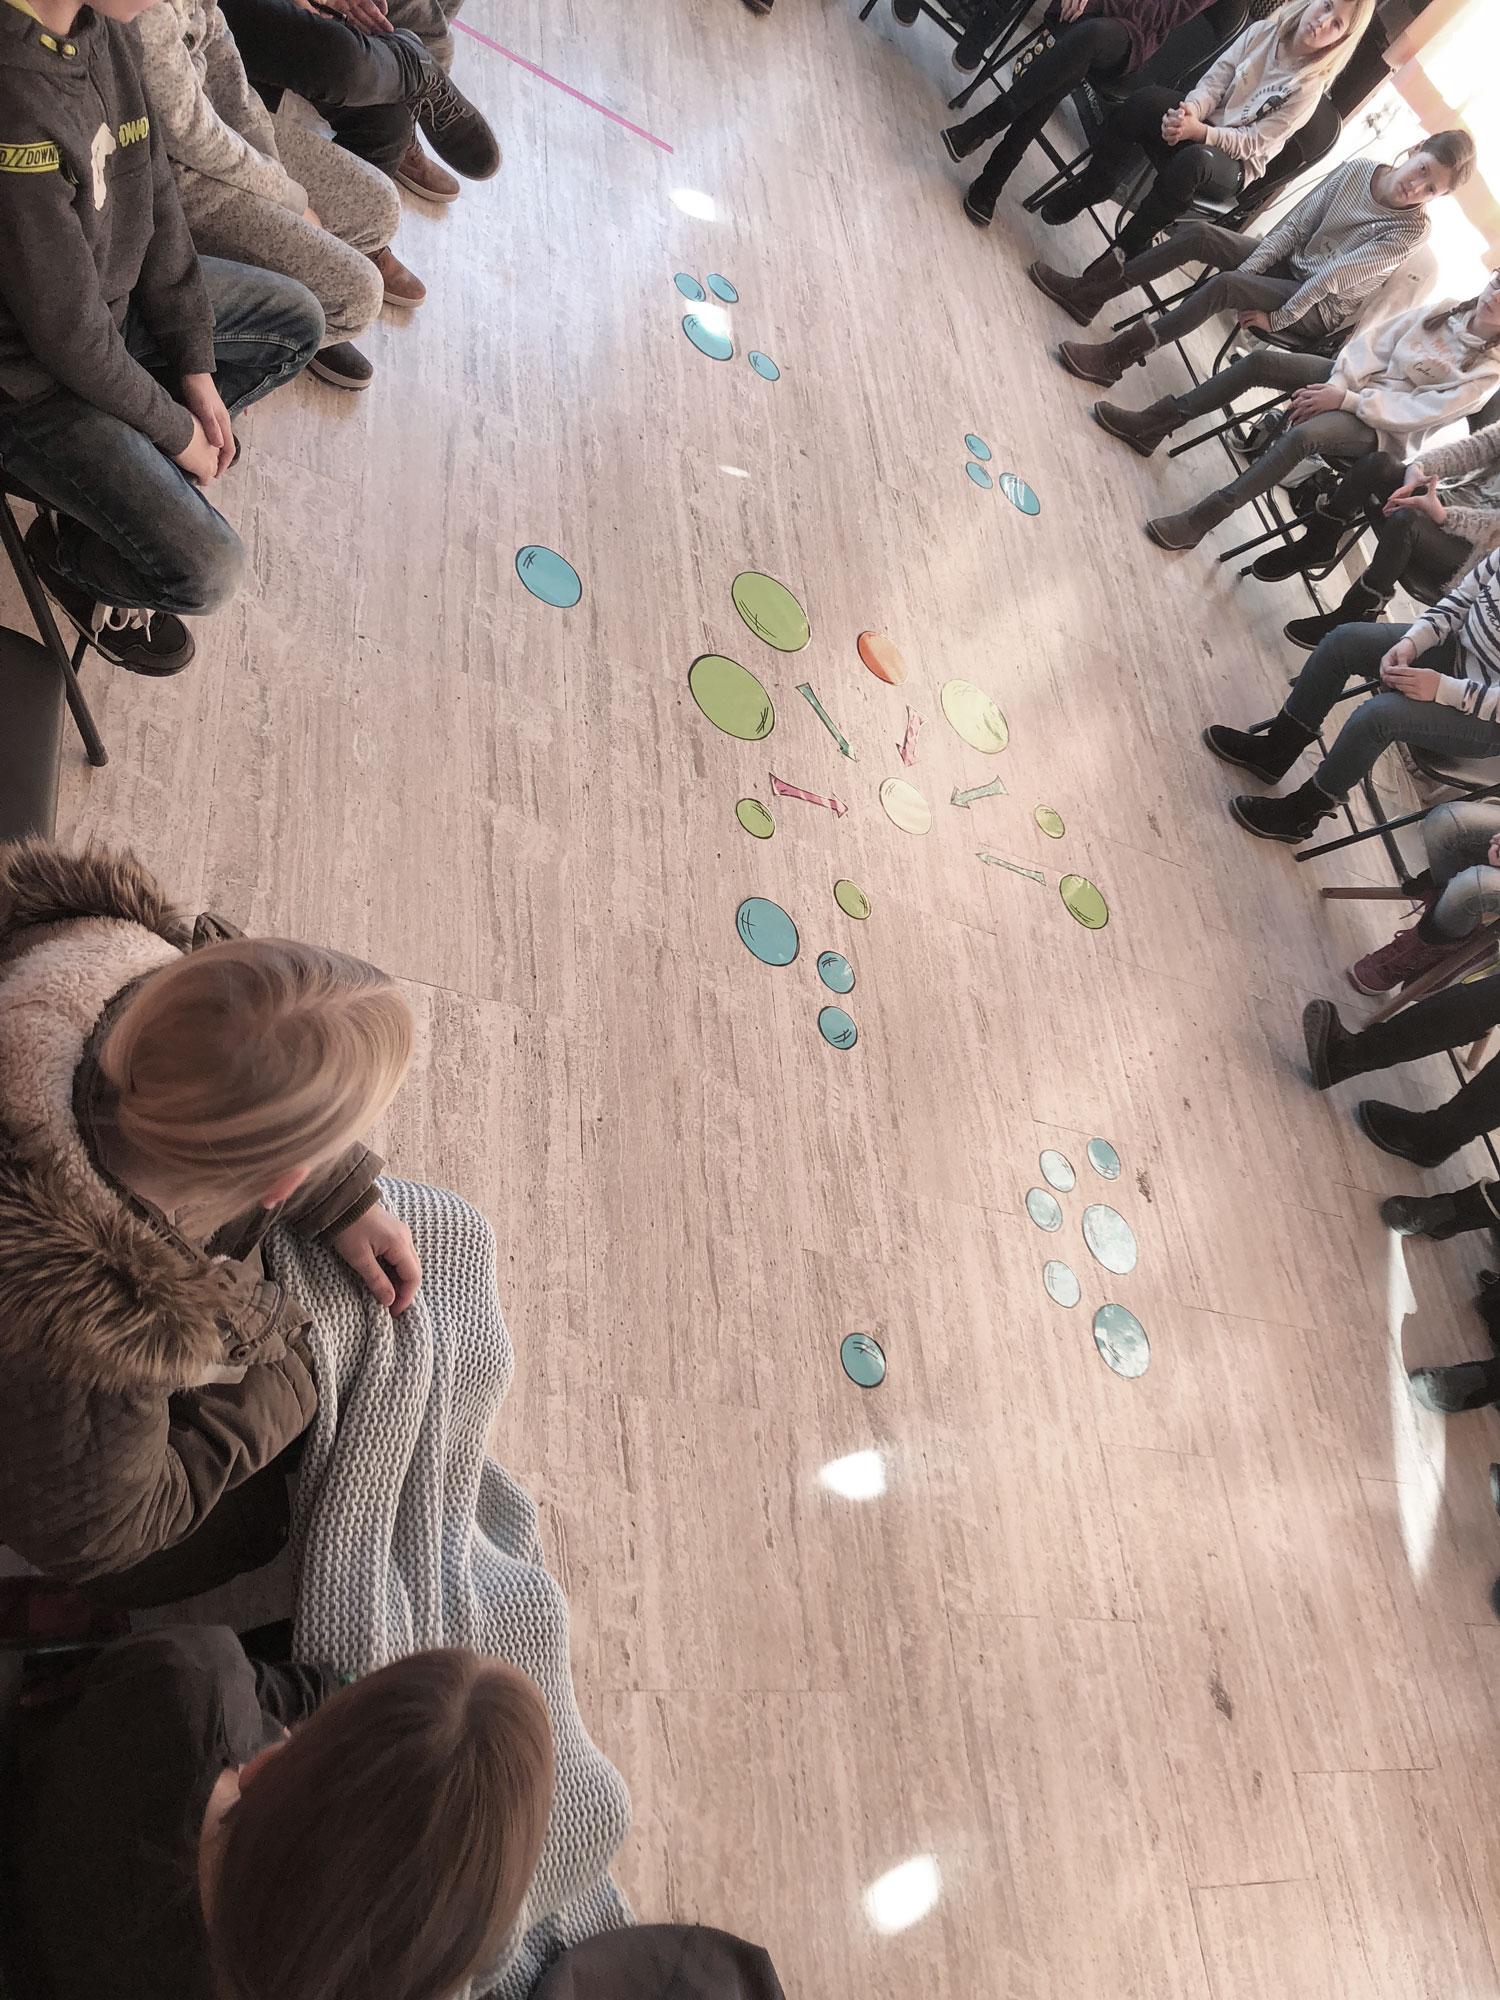 Gewalt- und Mobbingprävention Workshop für SchülerInnen im Bregenzerwald. Offene Jugendarbeit Bregenzerwald.